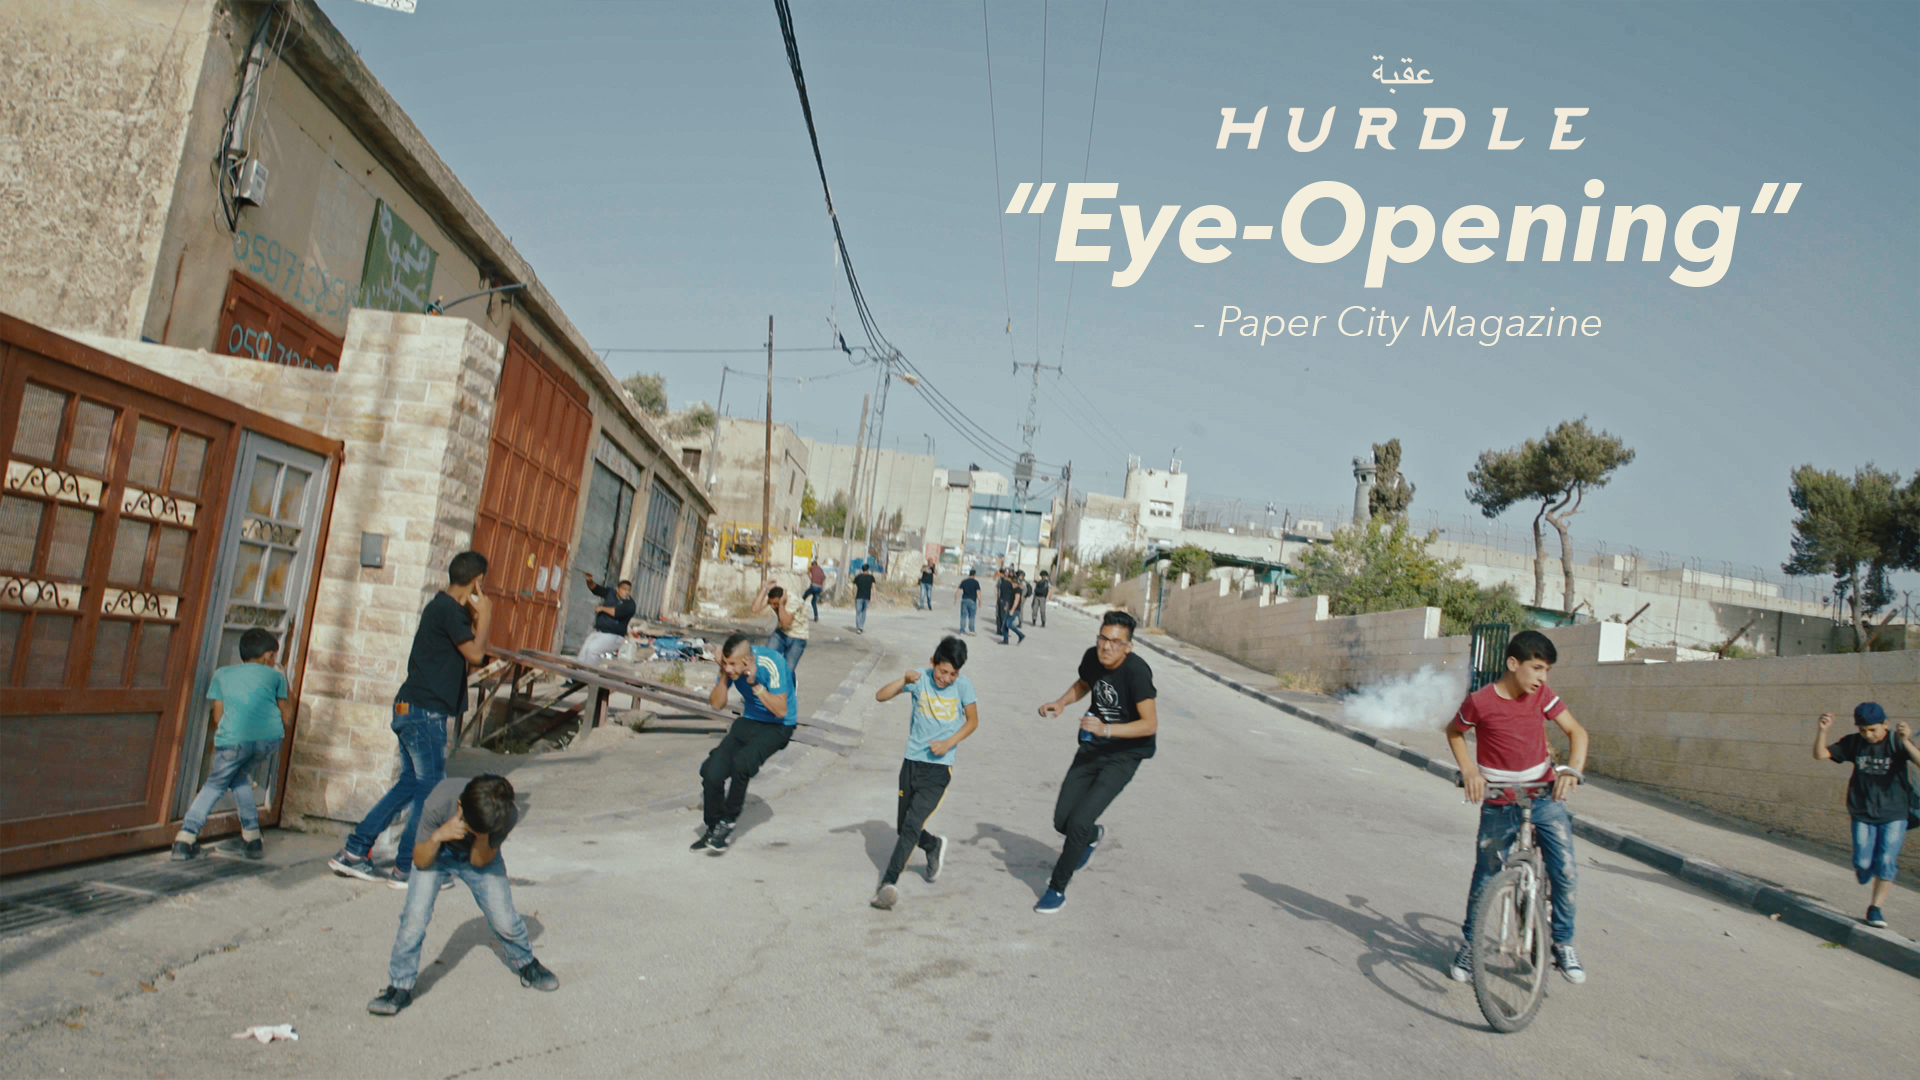 eyeopening.png